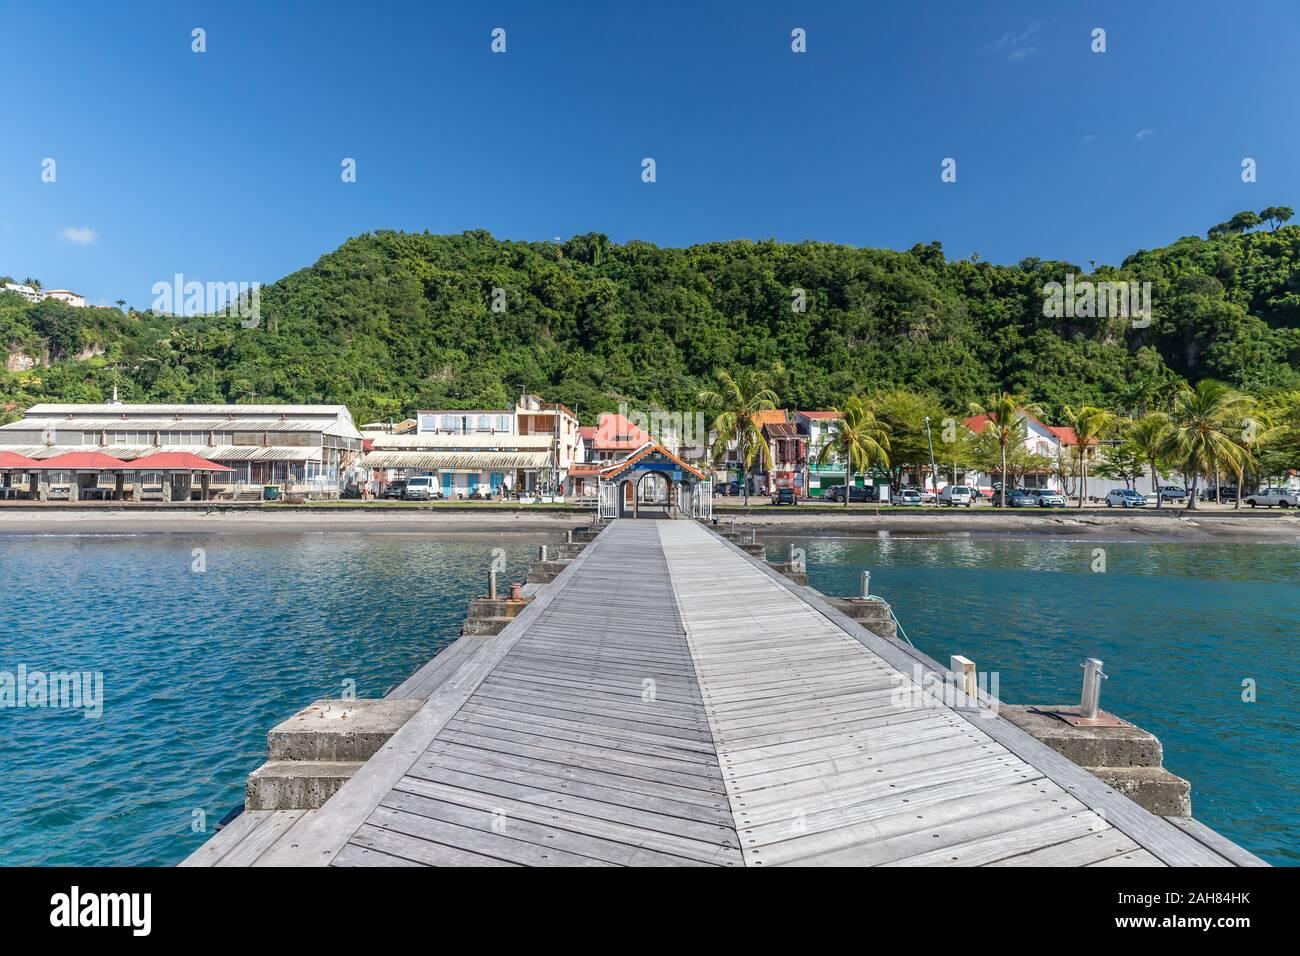 Pier mit Teakdeck in Saint-Pierre, Martinique, Frankreich Stockfoto